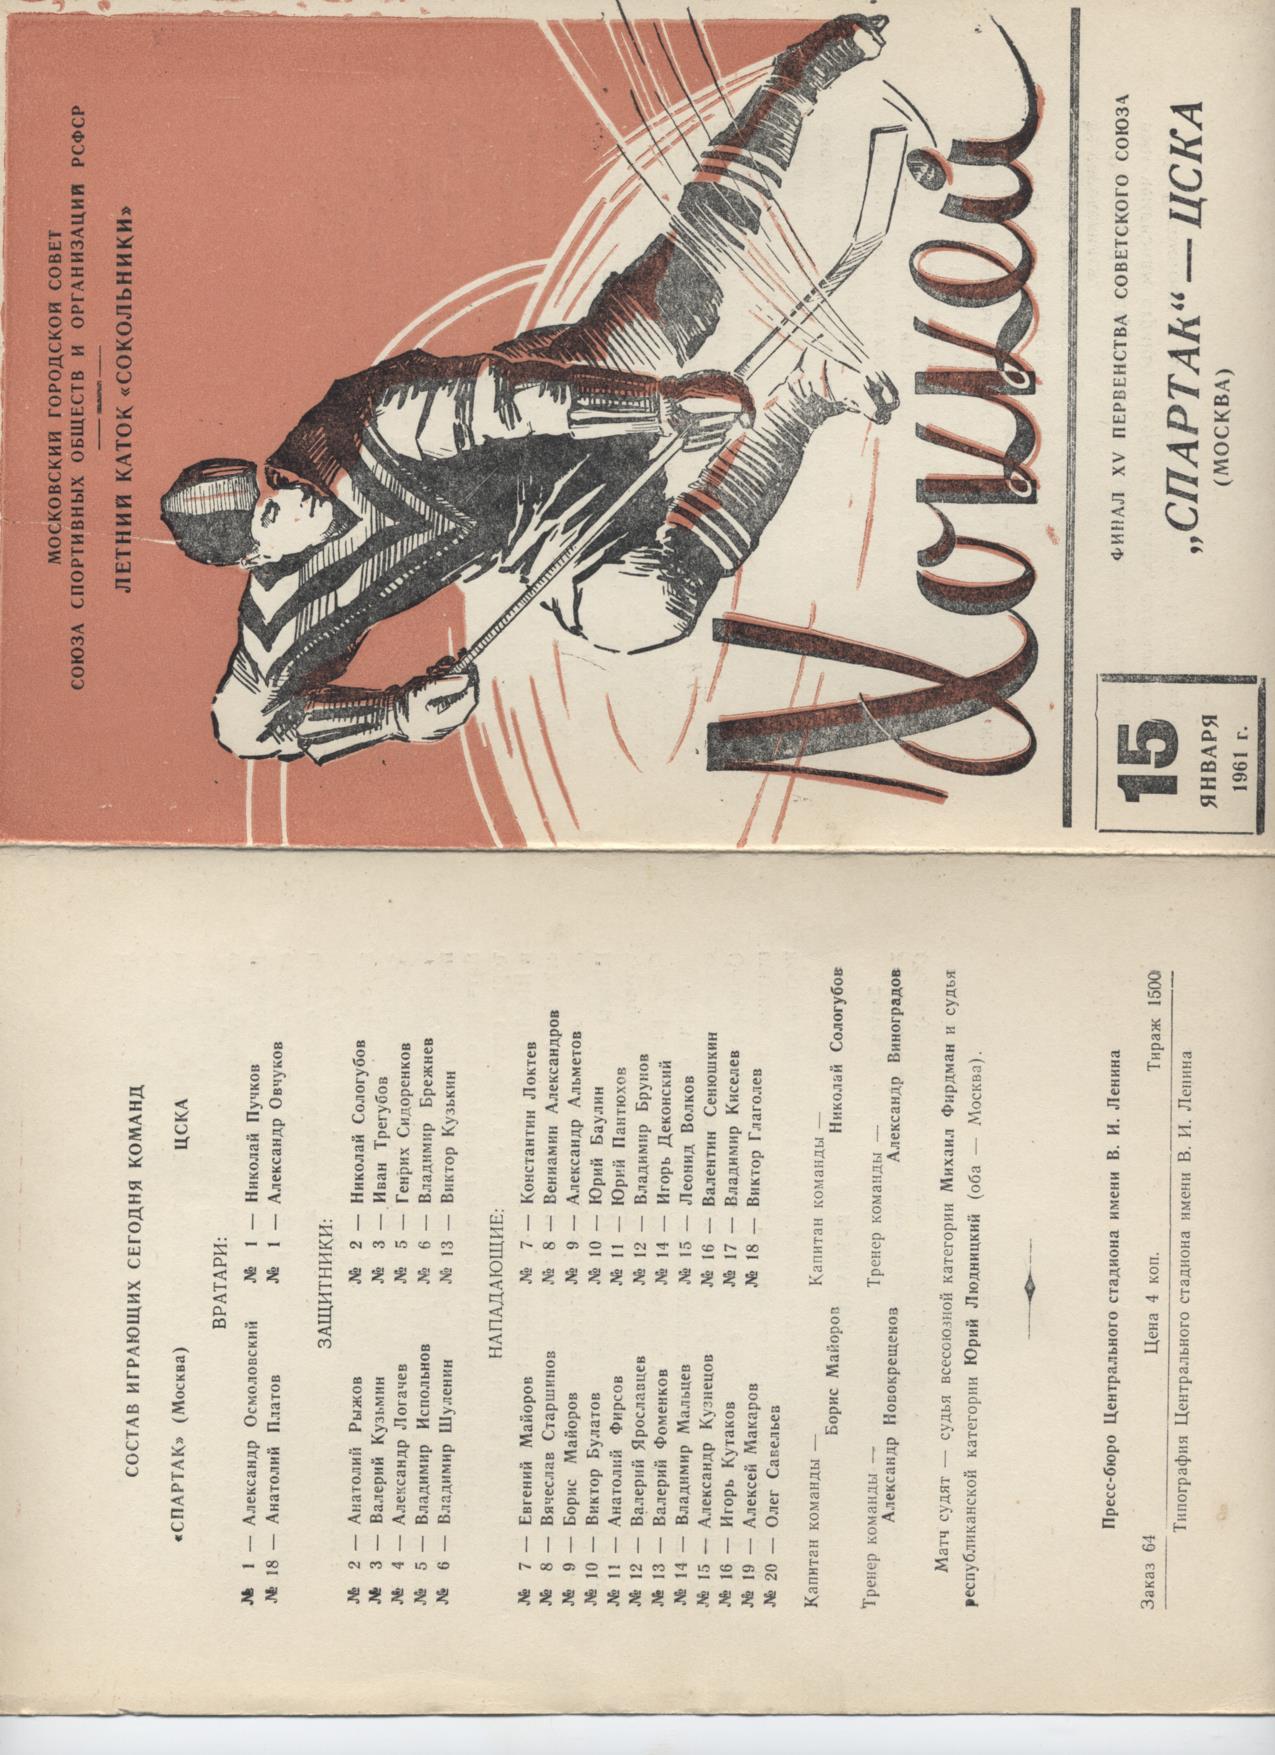 19610115-1.jpg